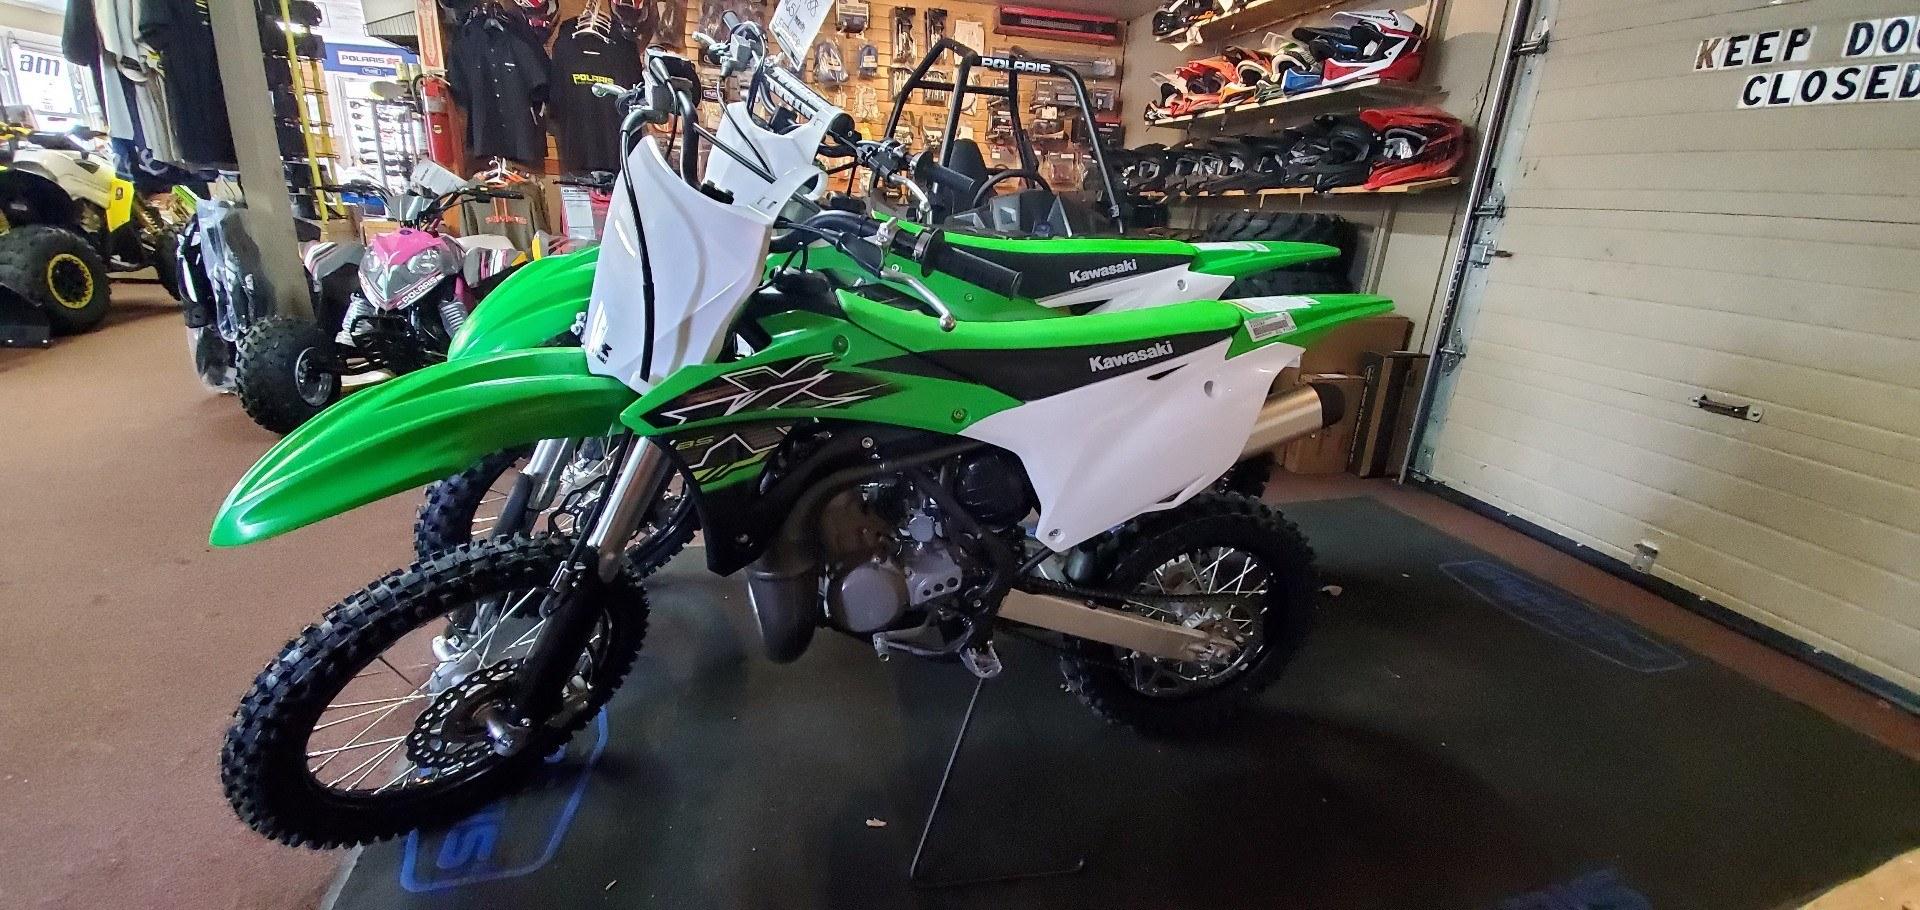 2019 Kawasaki KX 85 for sale 6943